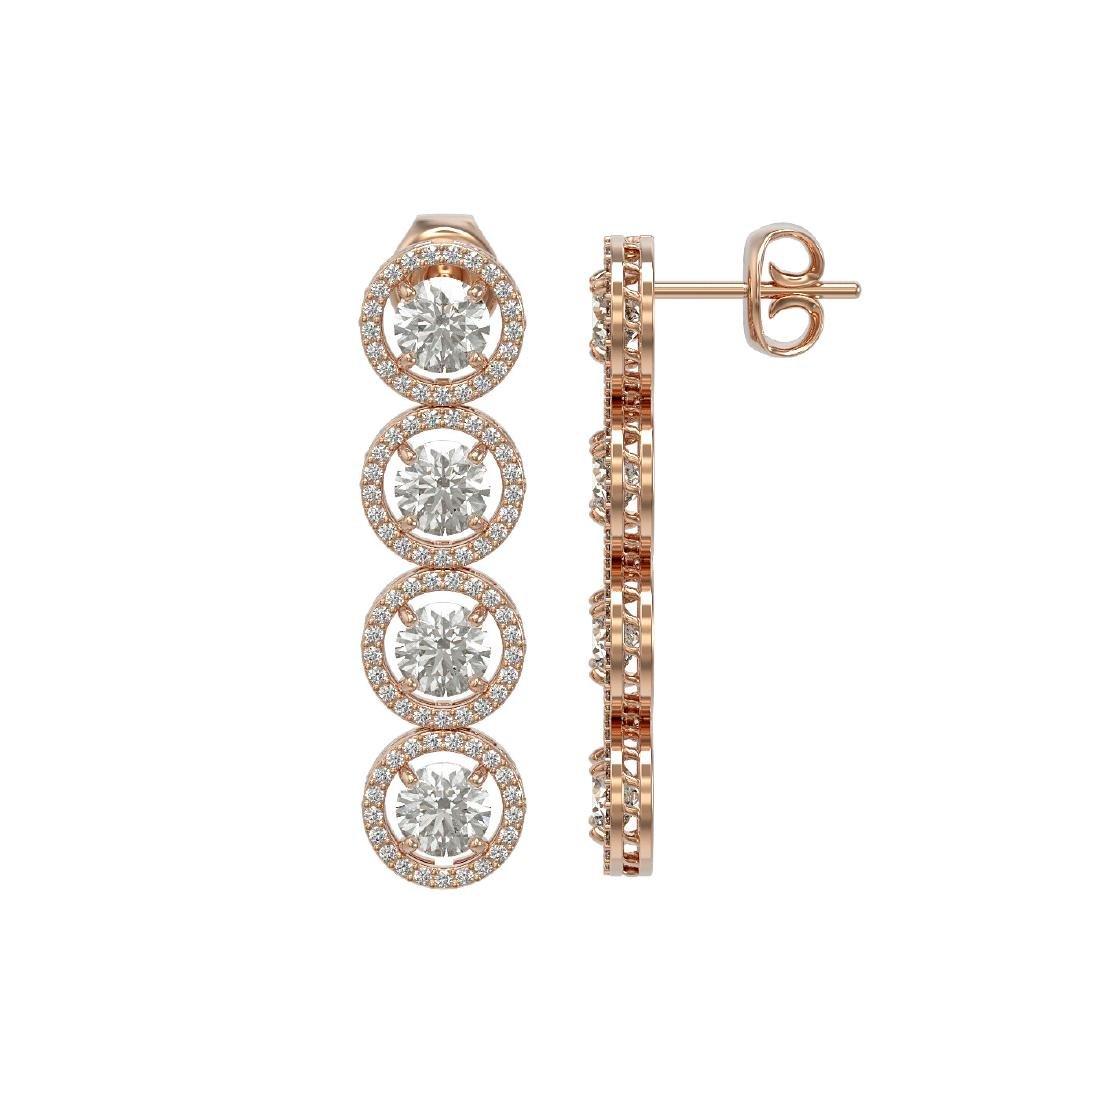 5.36 CTW Diamond Designer Earrings 18K Rose Gold - 2